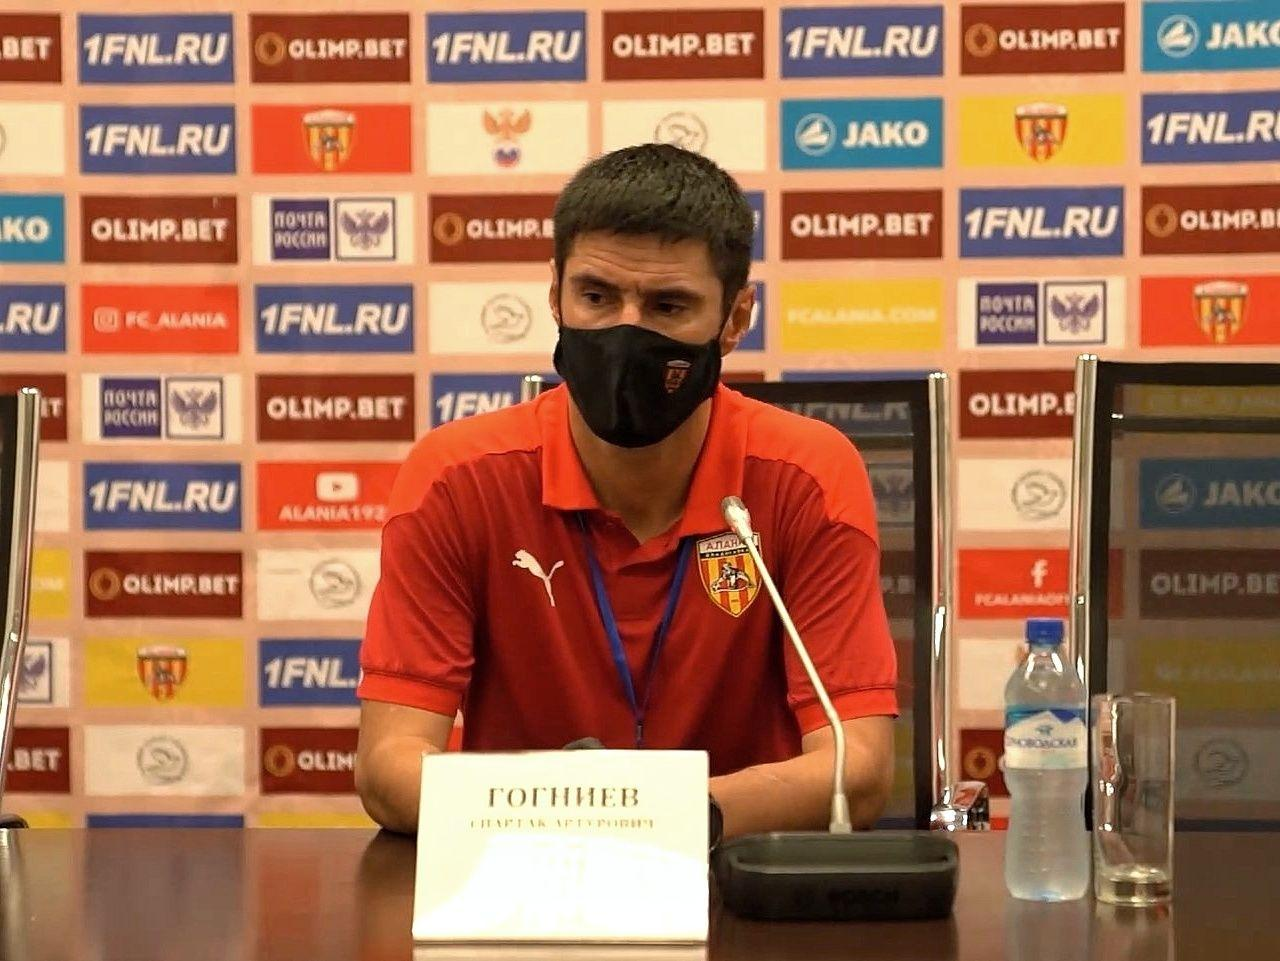 Пресс-конференция Спартака Гогниева